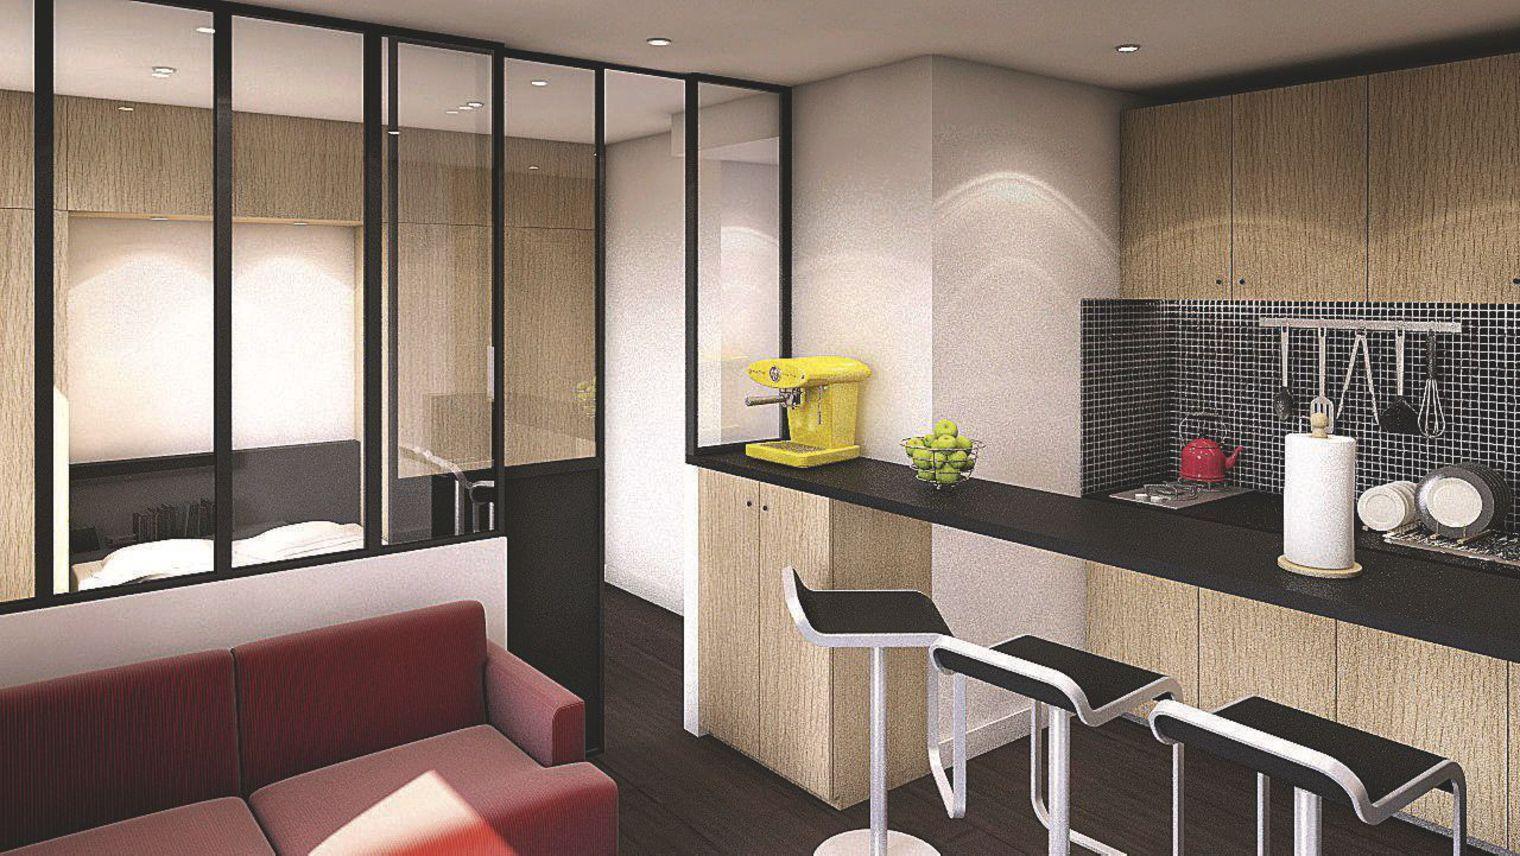 Appartement à louer: consultez une agence immobilière